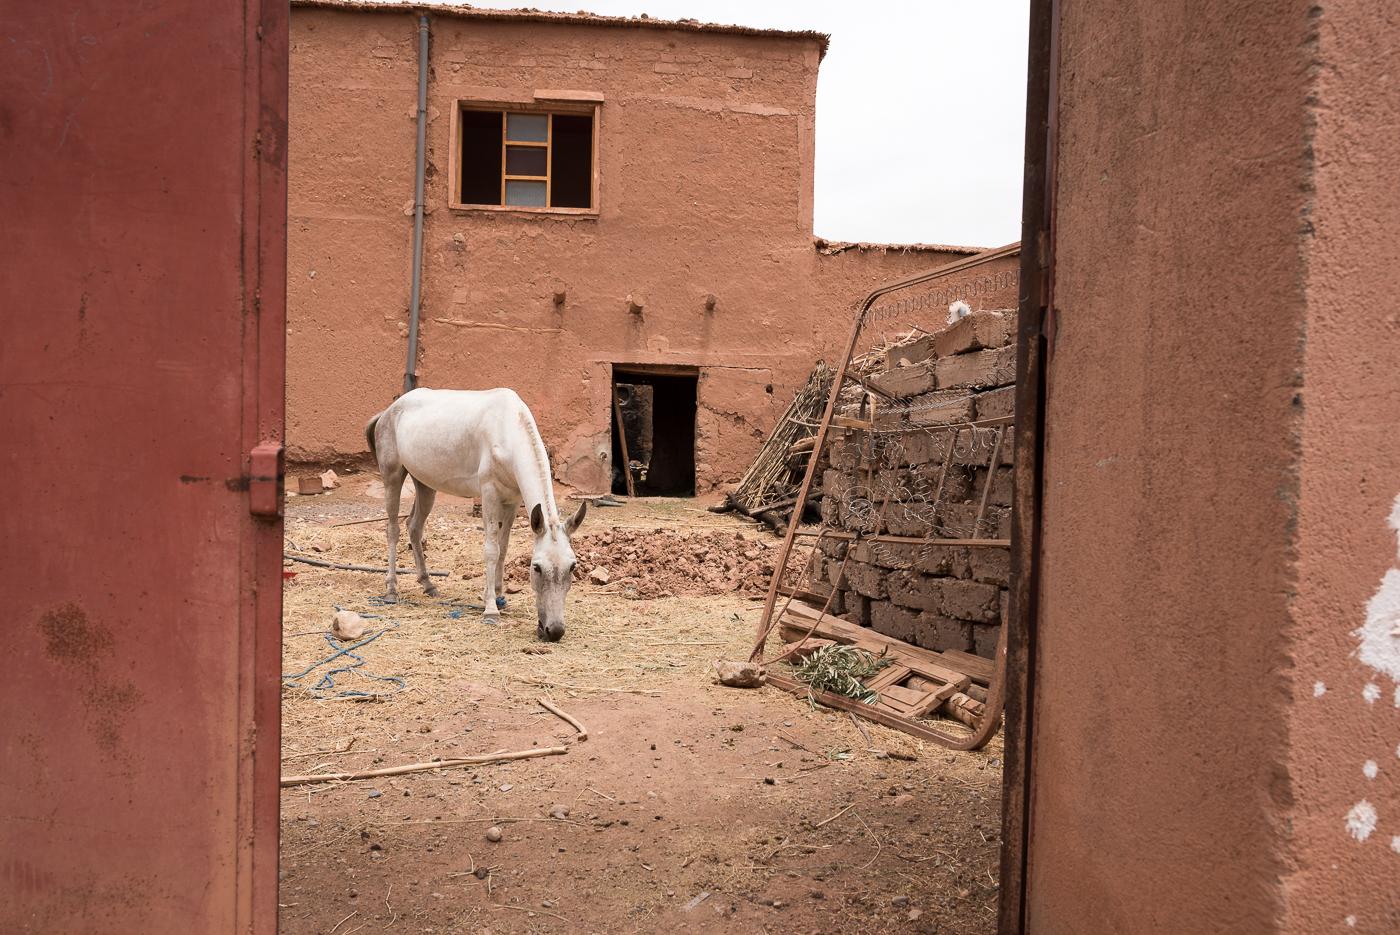 philipp schäbler marokko marrakesch essaouira-8481.jpg